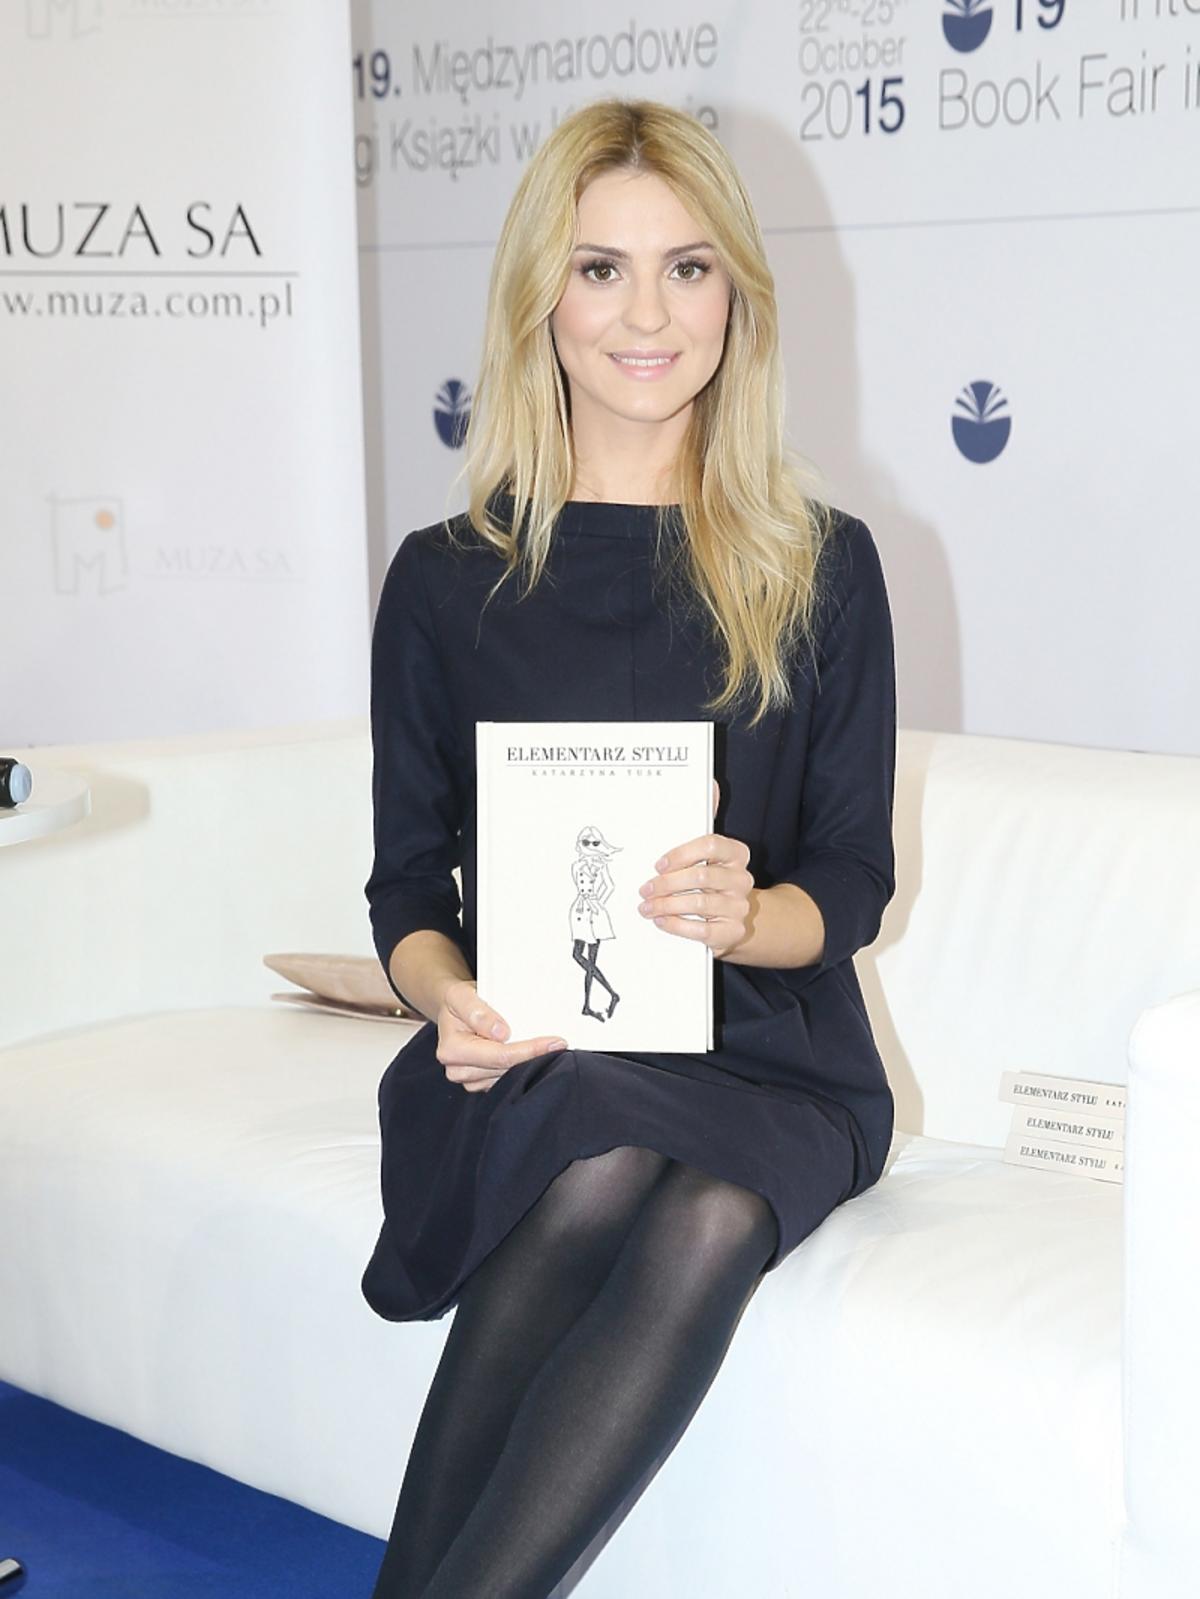 Kasia Tusk w czarnej sukience i czarnych butach siedzi ze swoją książką